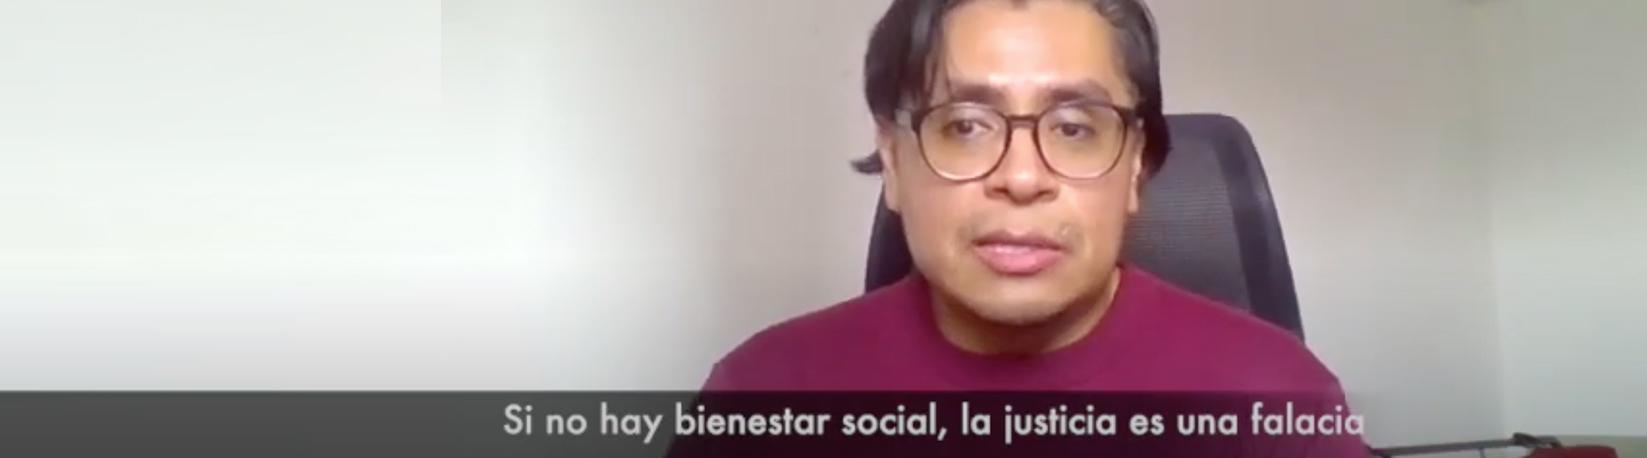 Si no hay bienestar social, la justicia es una falacia: Dr. Óscar Martínez